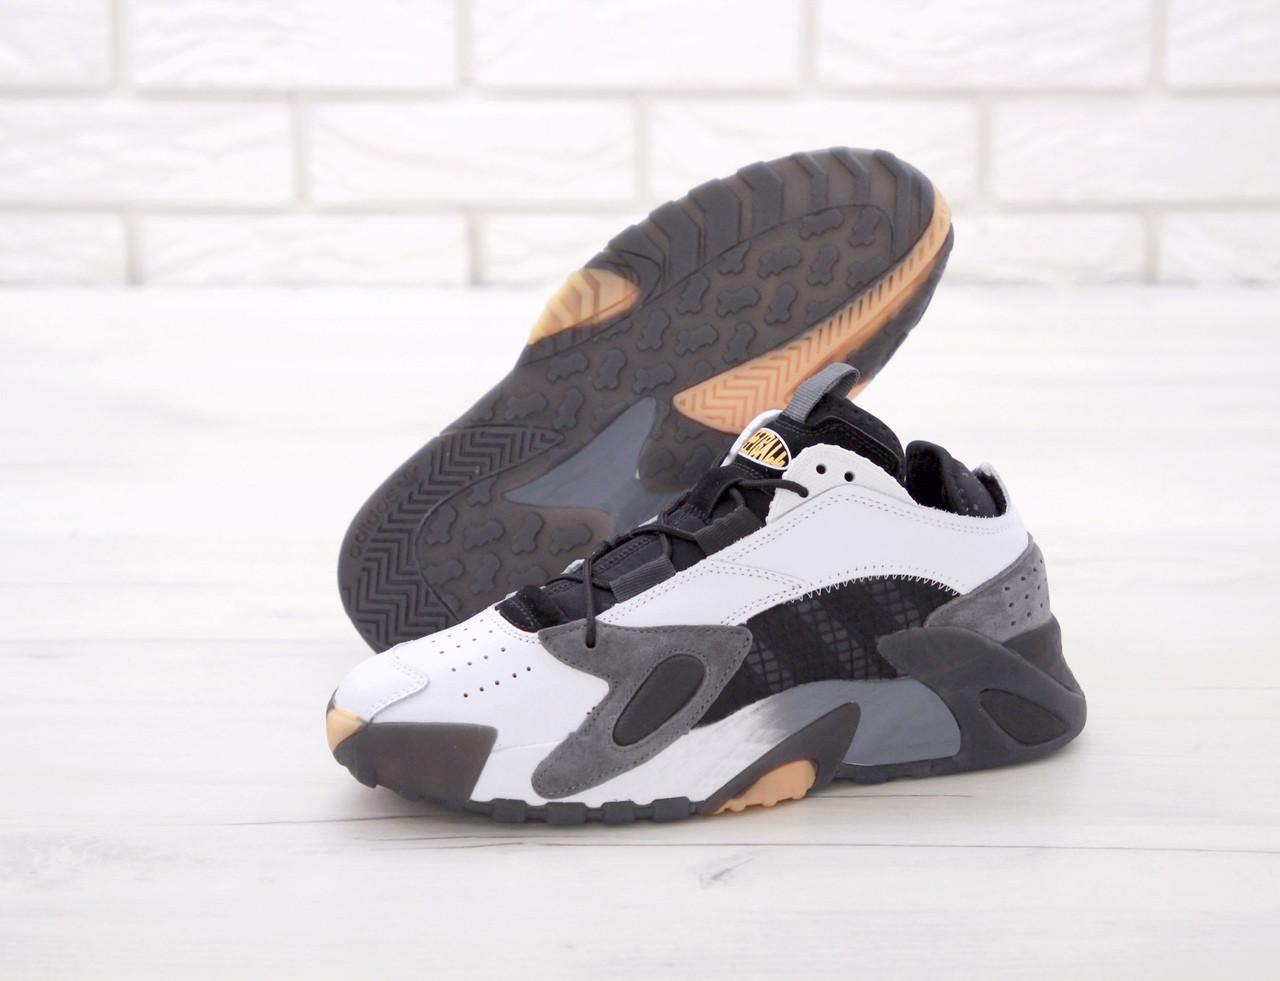 Мужские кроссовки Adidas StreetBall Black Grey, мужские кроссовки адидас стритбол (45 размер в наличии)